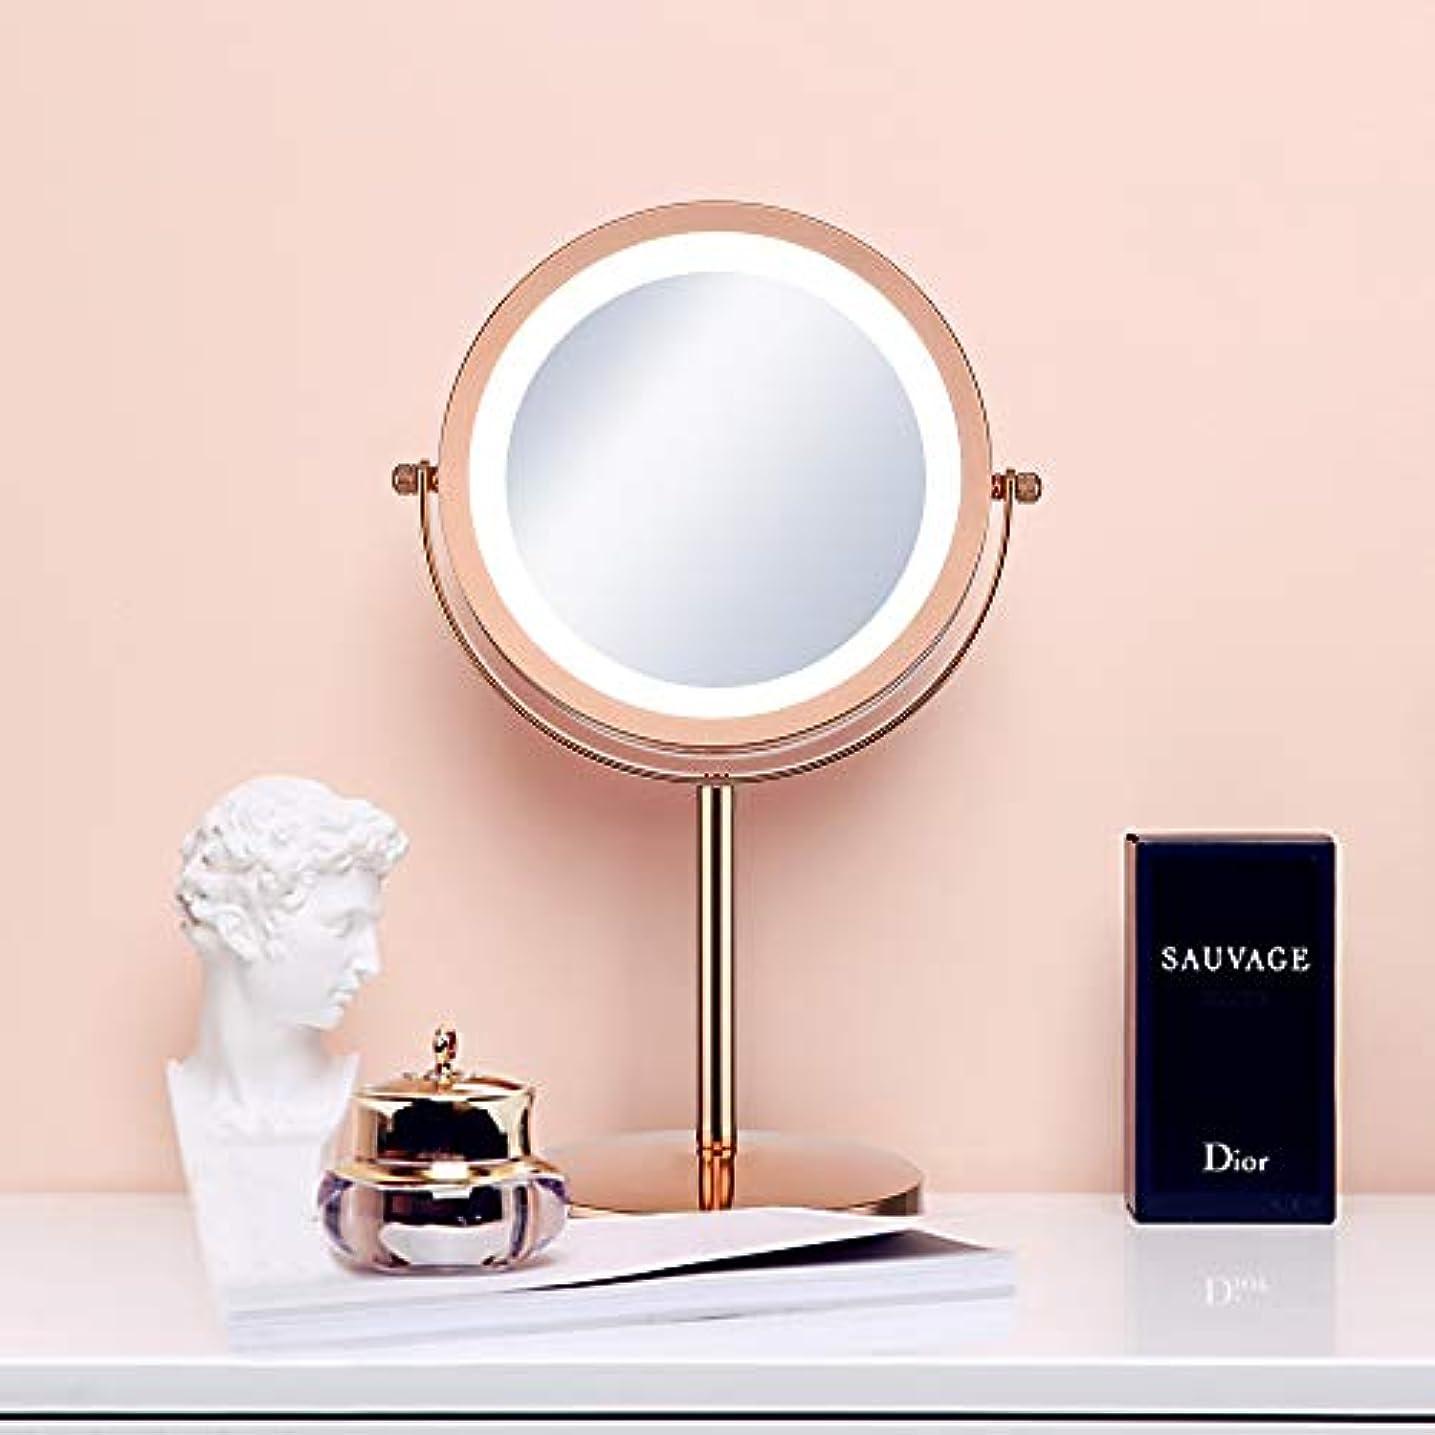 ディレクター道徳る(セーディコ)Cerdeco 西洋風卓上鏡DX レトロなゴールド LEDライト付き 5倍拡大率 両面化粧鏡 スタンドミラー 鏡面φ178mm T710G